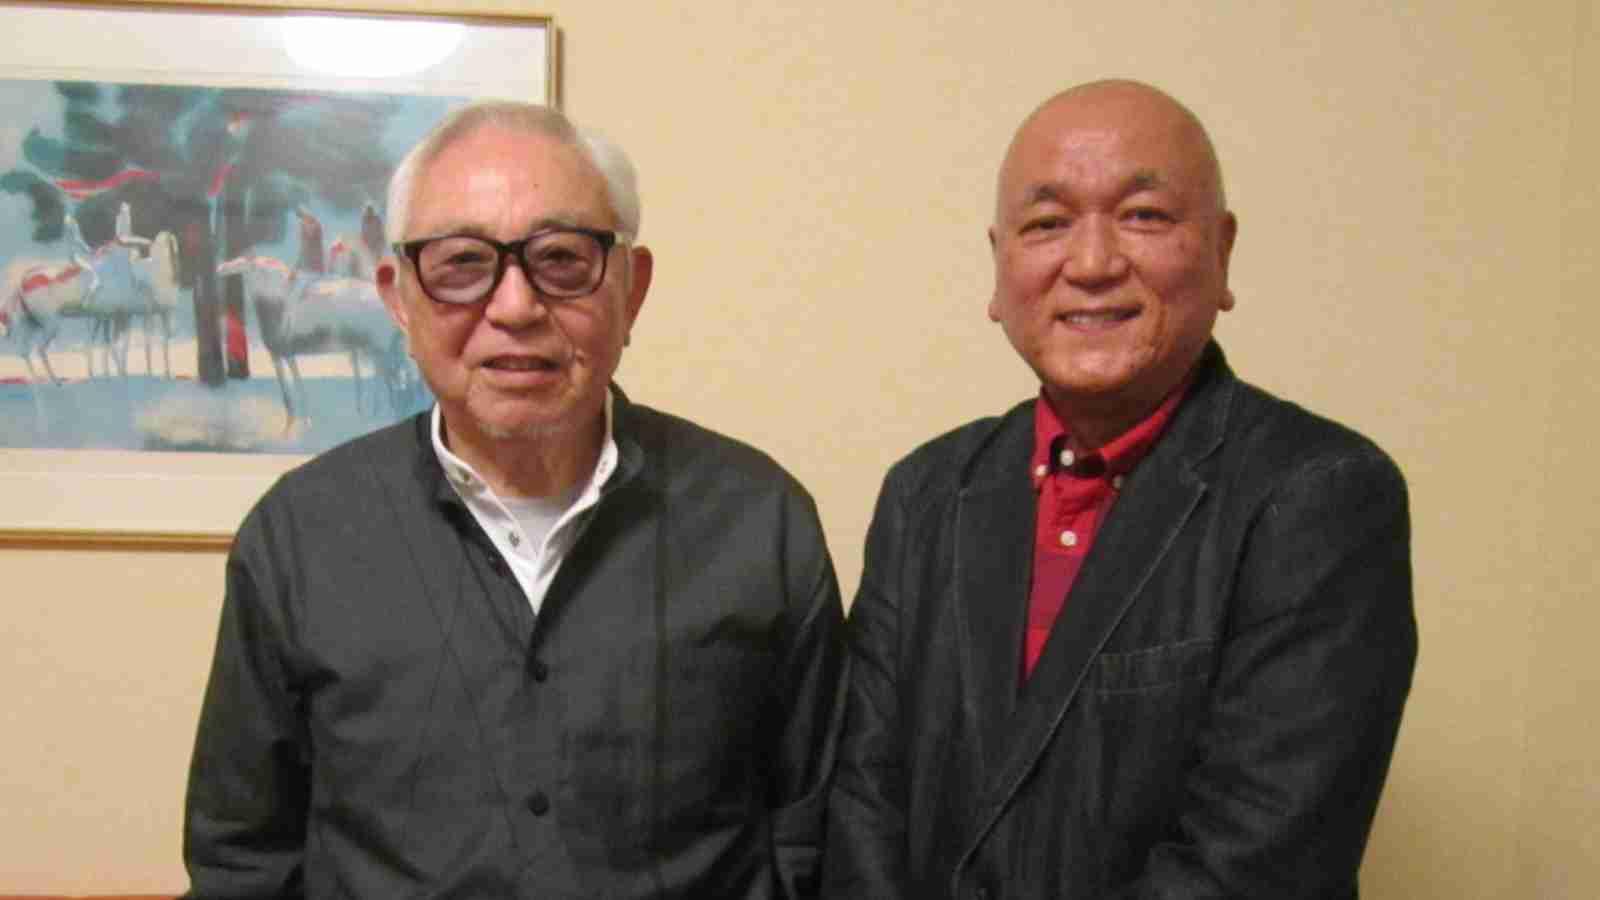 ドラマの「脚本」と「脚本家」について、倉本聰さんに訊いてみたら・・・(碓井広義) - 個人 - Yahoo!ニュース